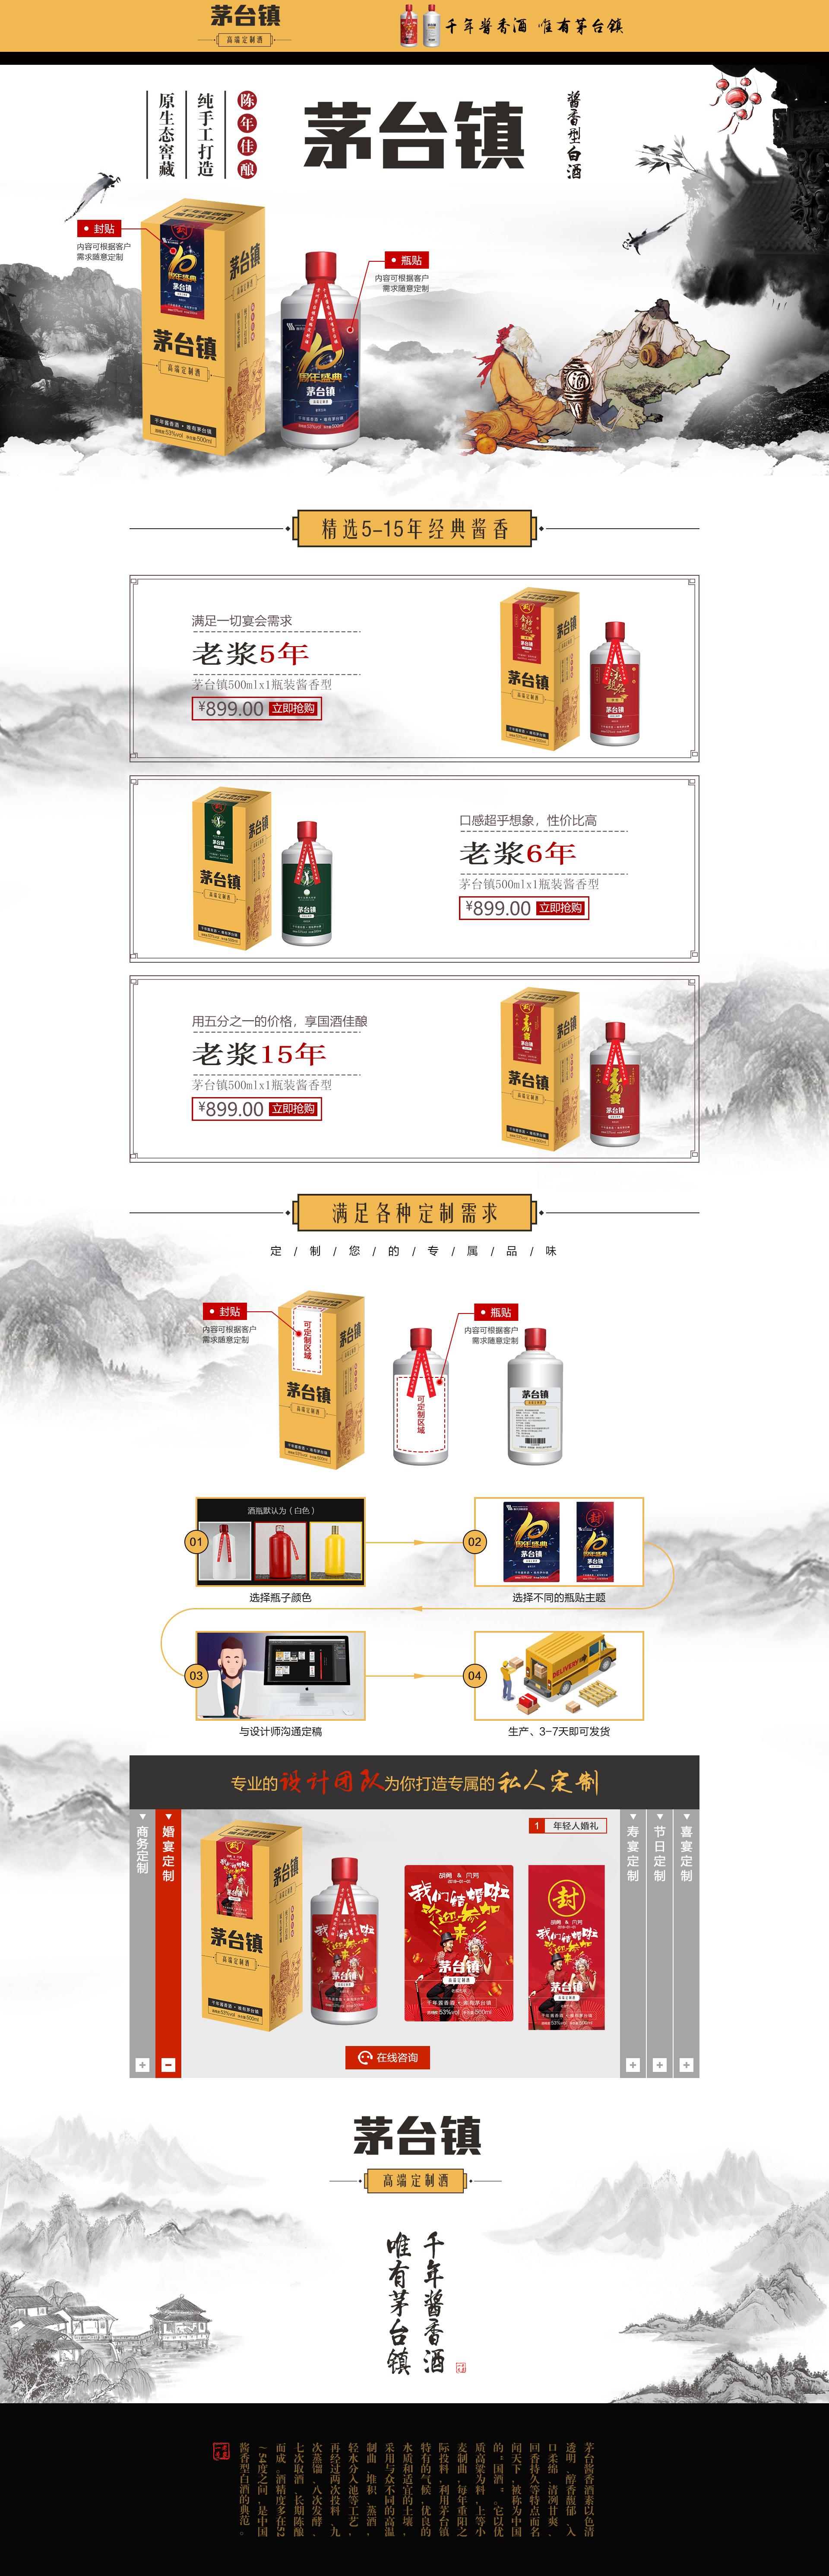 标签:天猫店铺电商网站设计定制酒 二圆图片